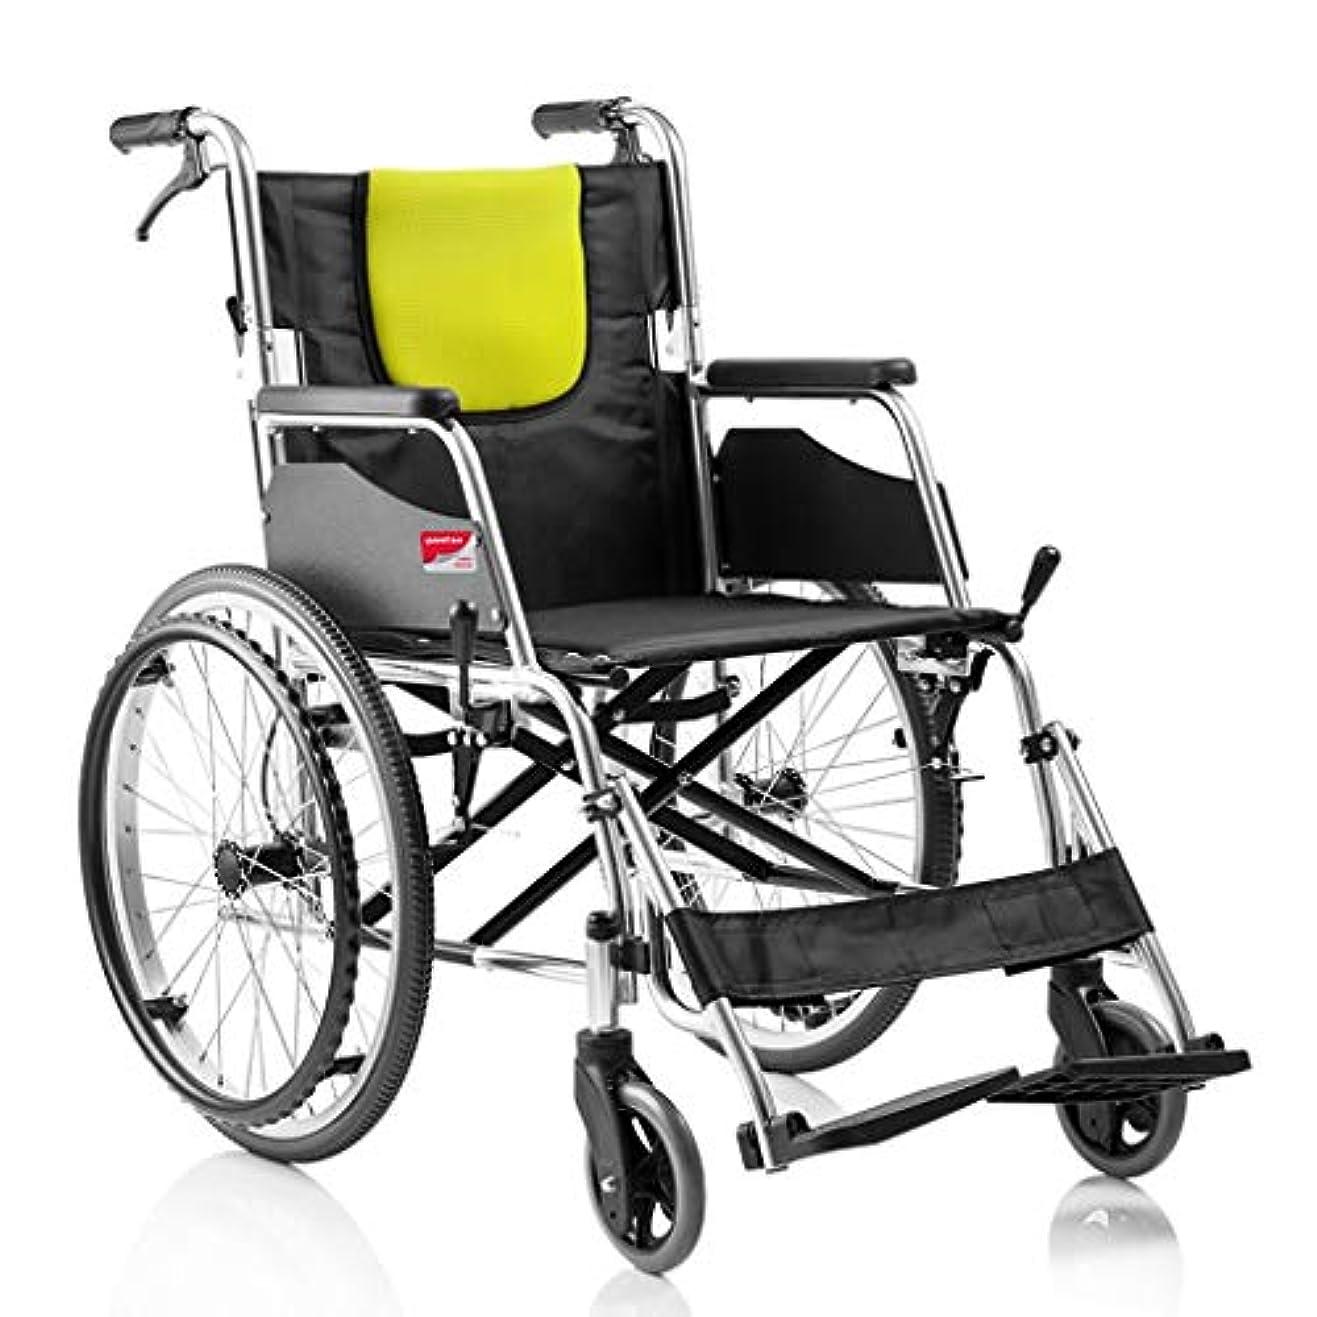 ルビー興奮学習車椅子折りたたみ式、手動車椅子無料インフレータブルダブルブレーキデザイン、老人の手押し車椅子